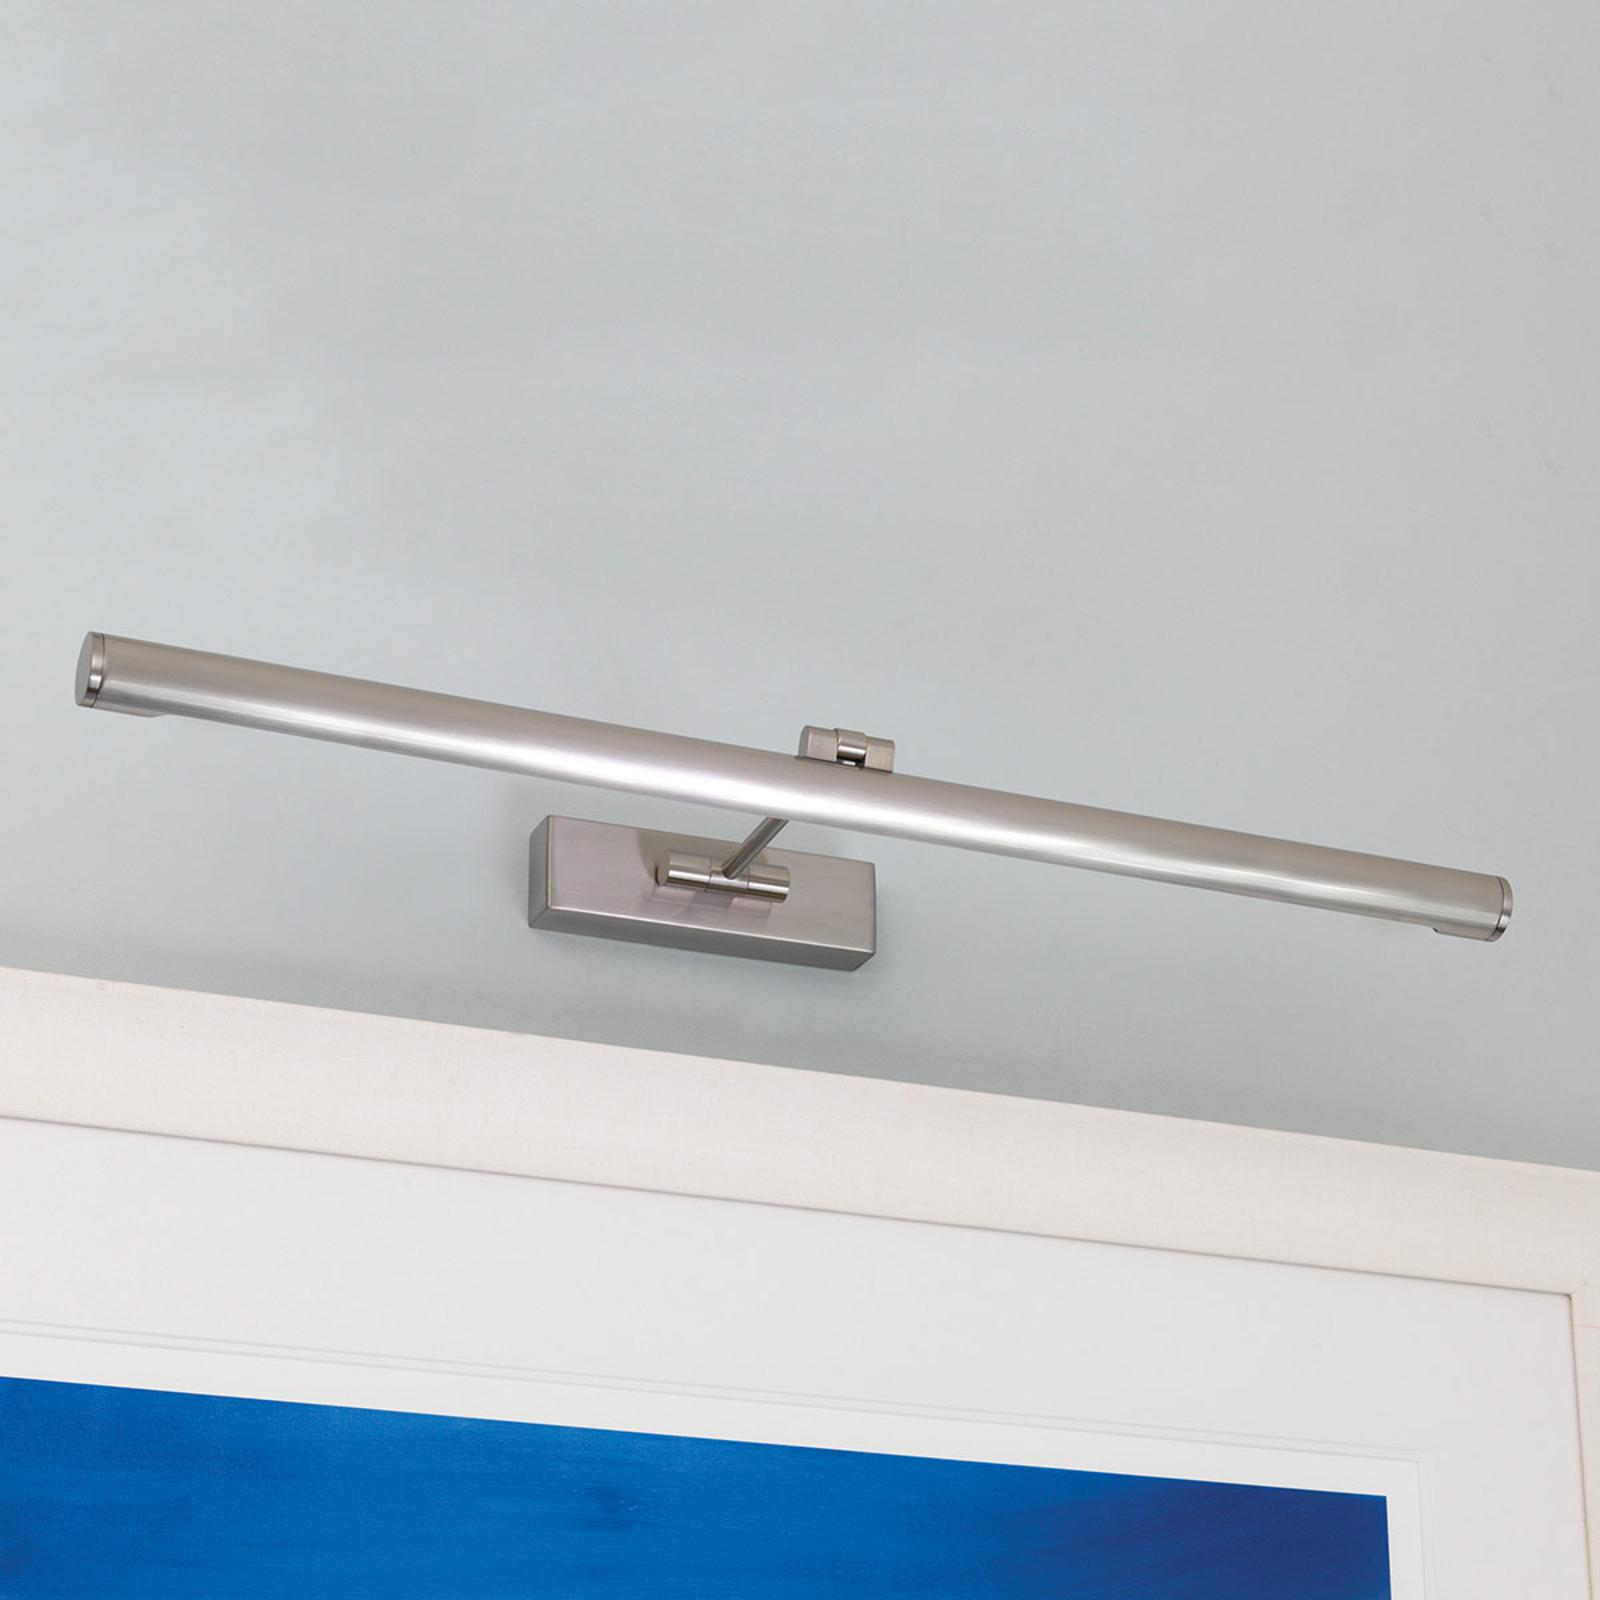 Lekker bildebelysning Goya 760 med LED-lys, nikkel